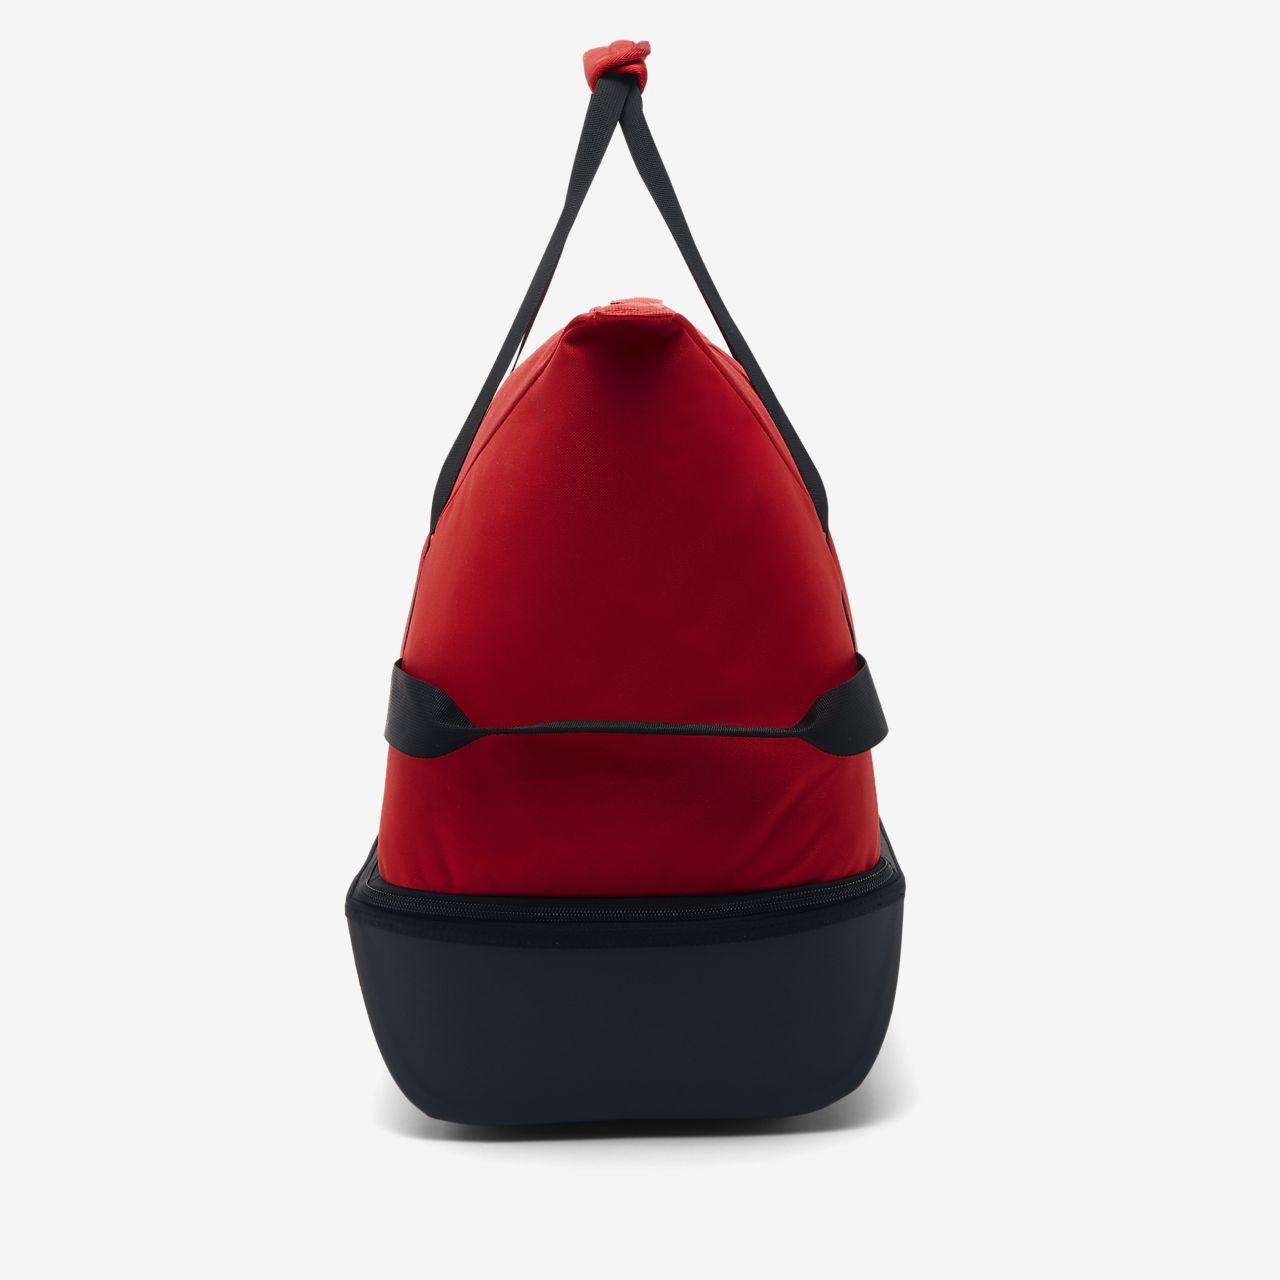 344a72ebe6 Fotbalová sportovní taška (velikost M) Nike Academy Team Hardcase ...